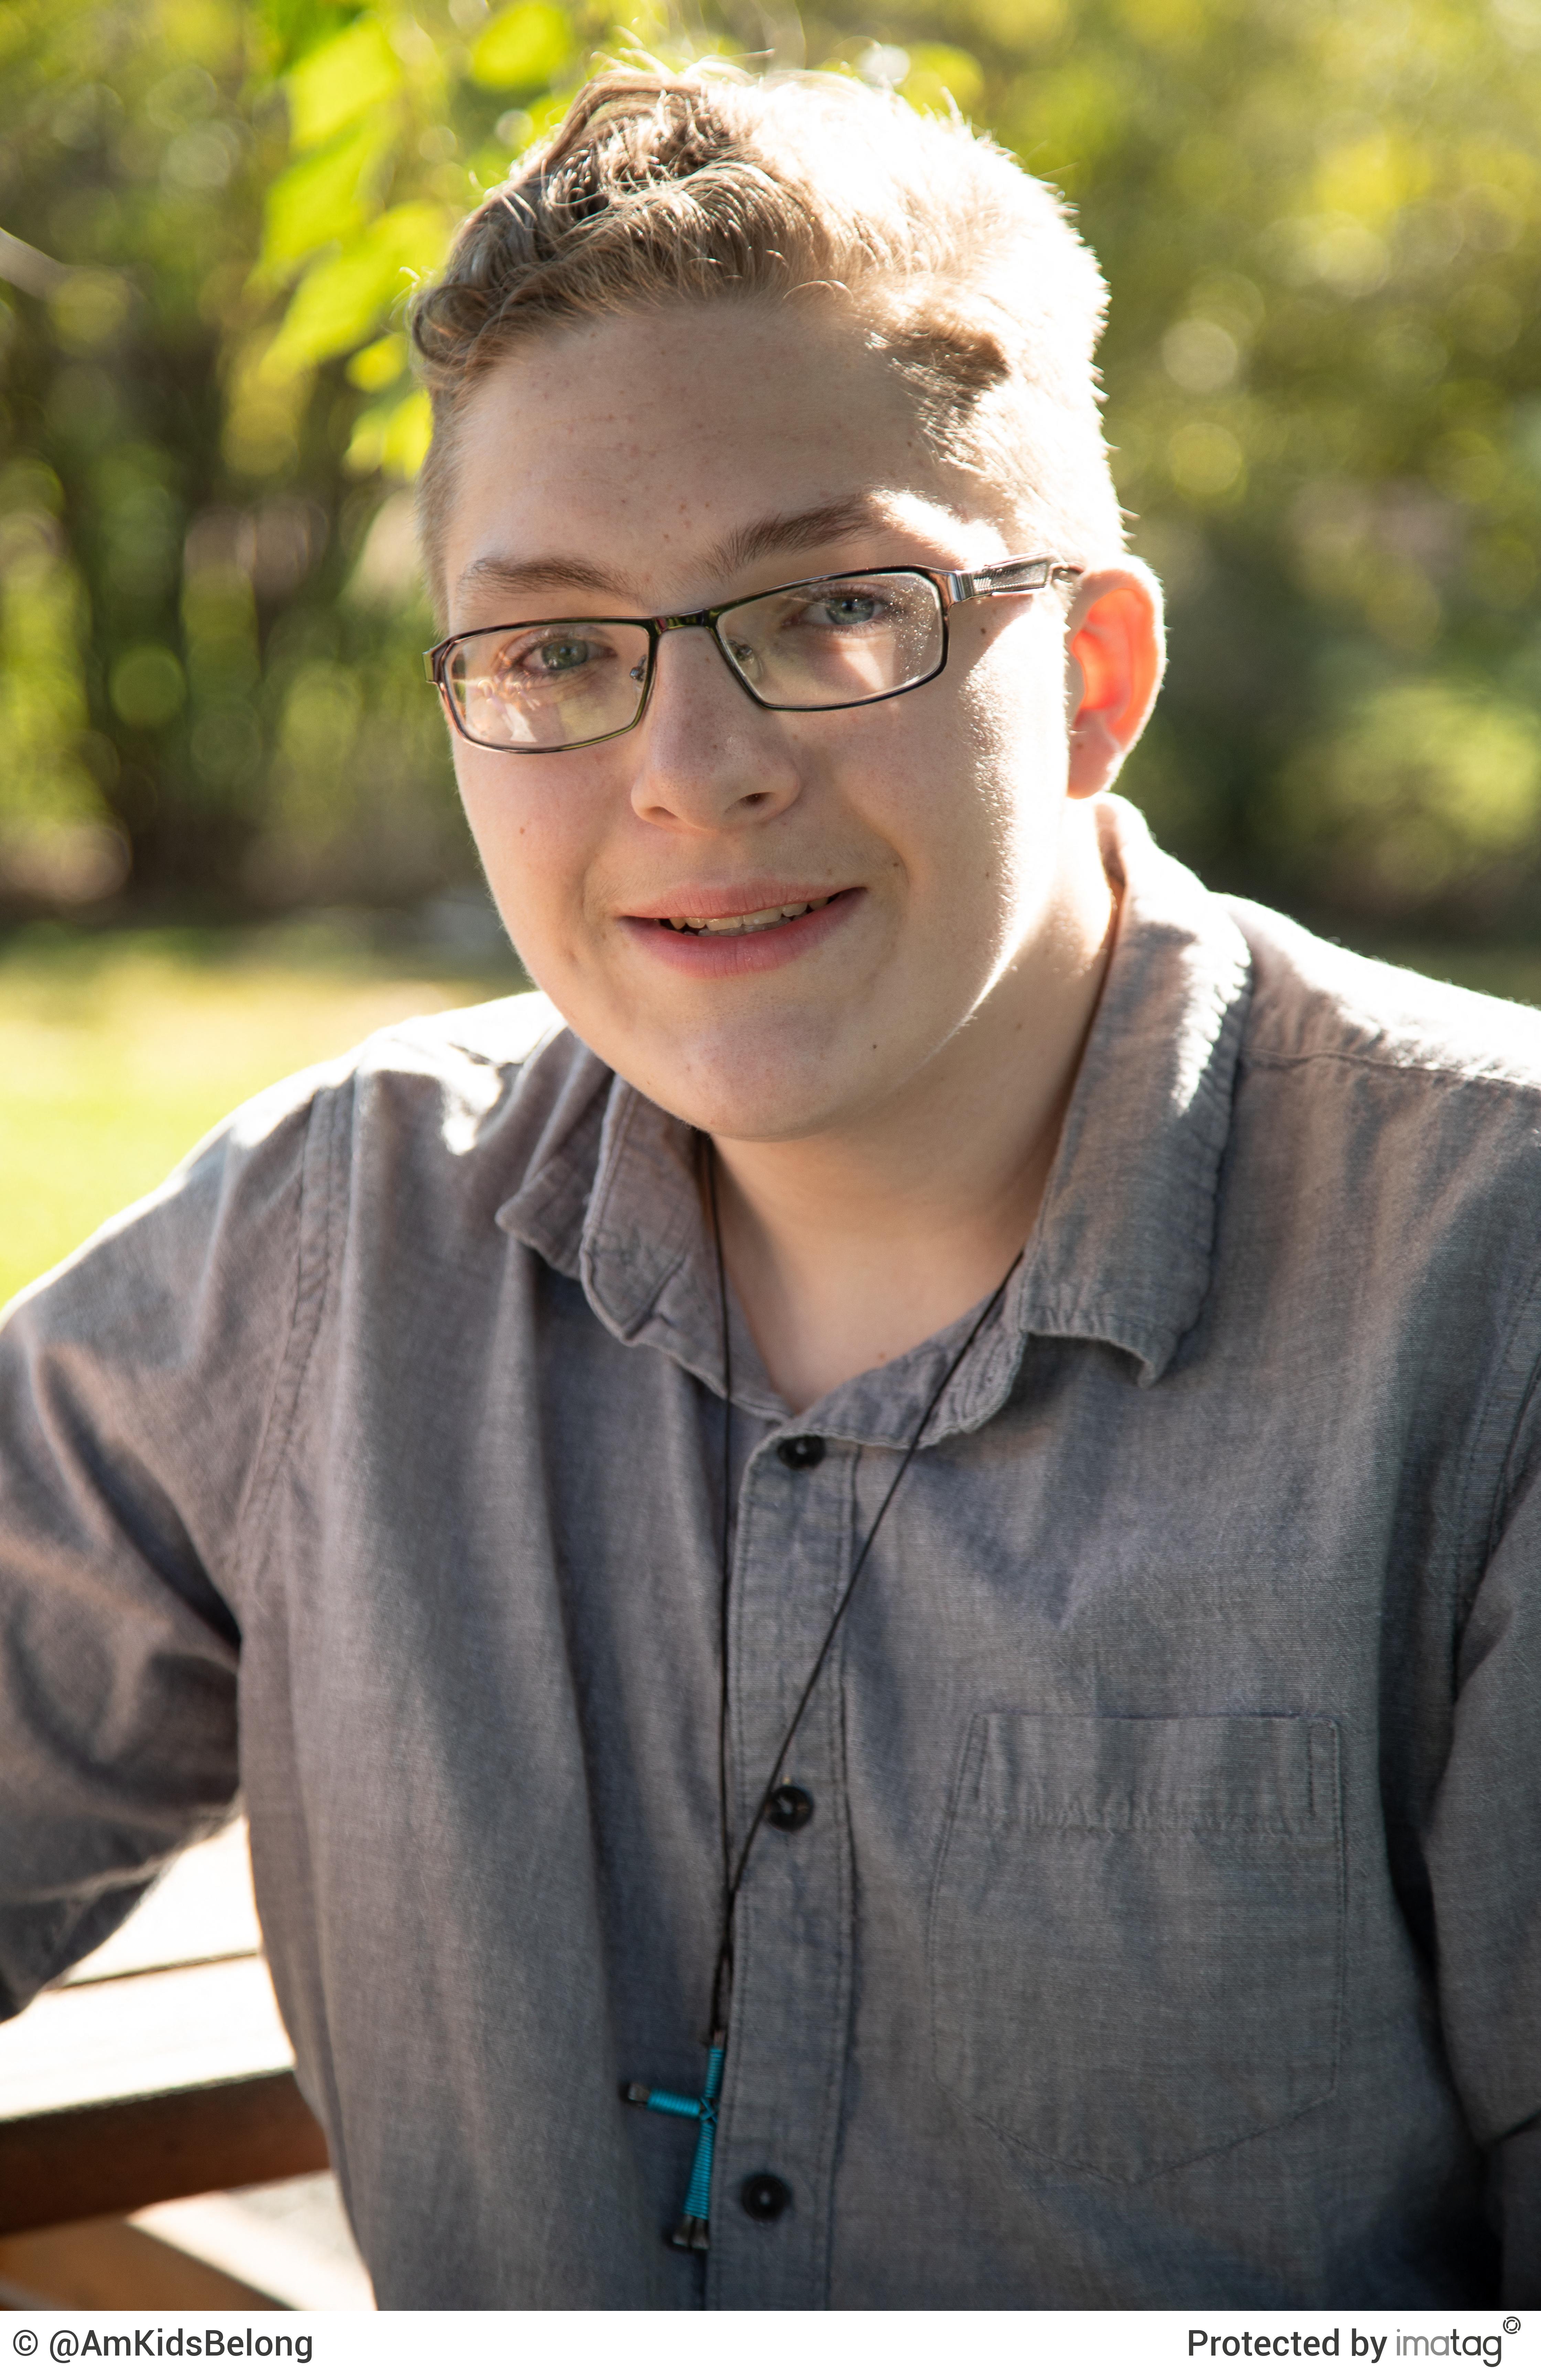 Imagen 5: Colton, 17 años